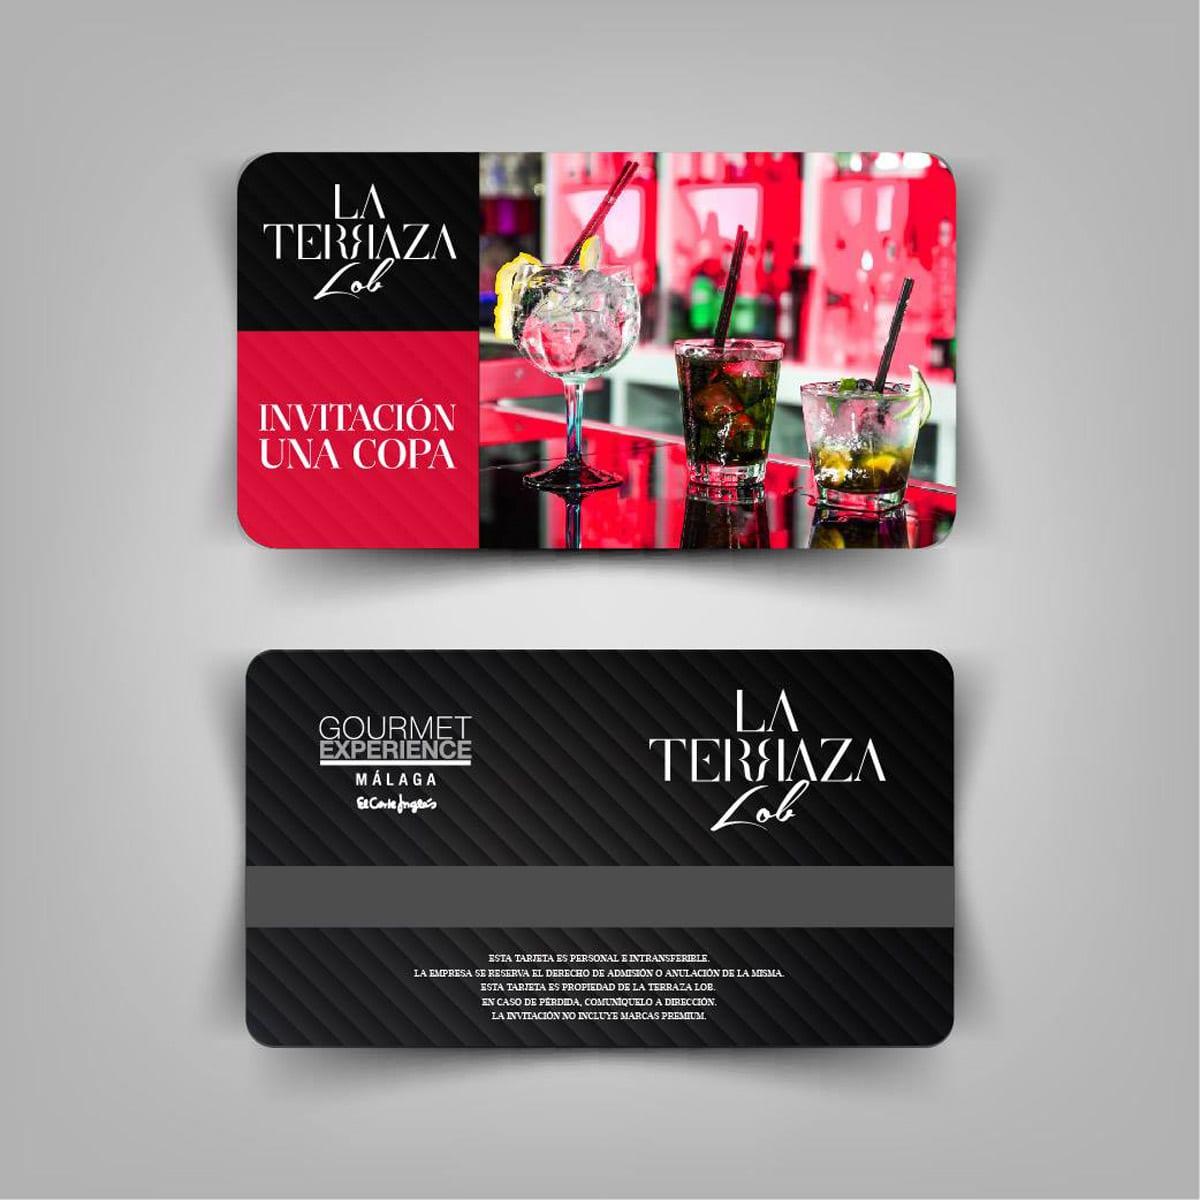 Tarjeta de fidelización e impresión con calidad de tarjeta de crédito